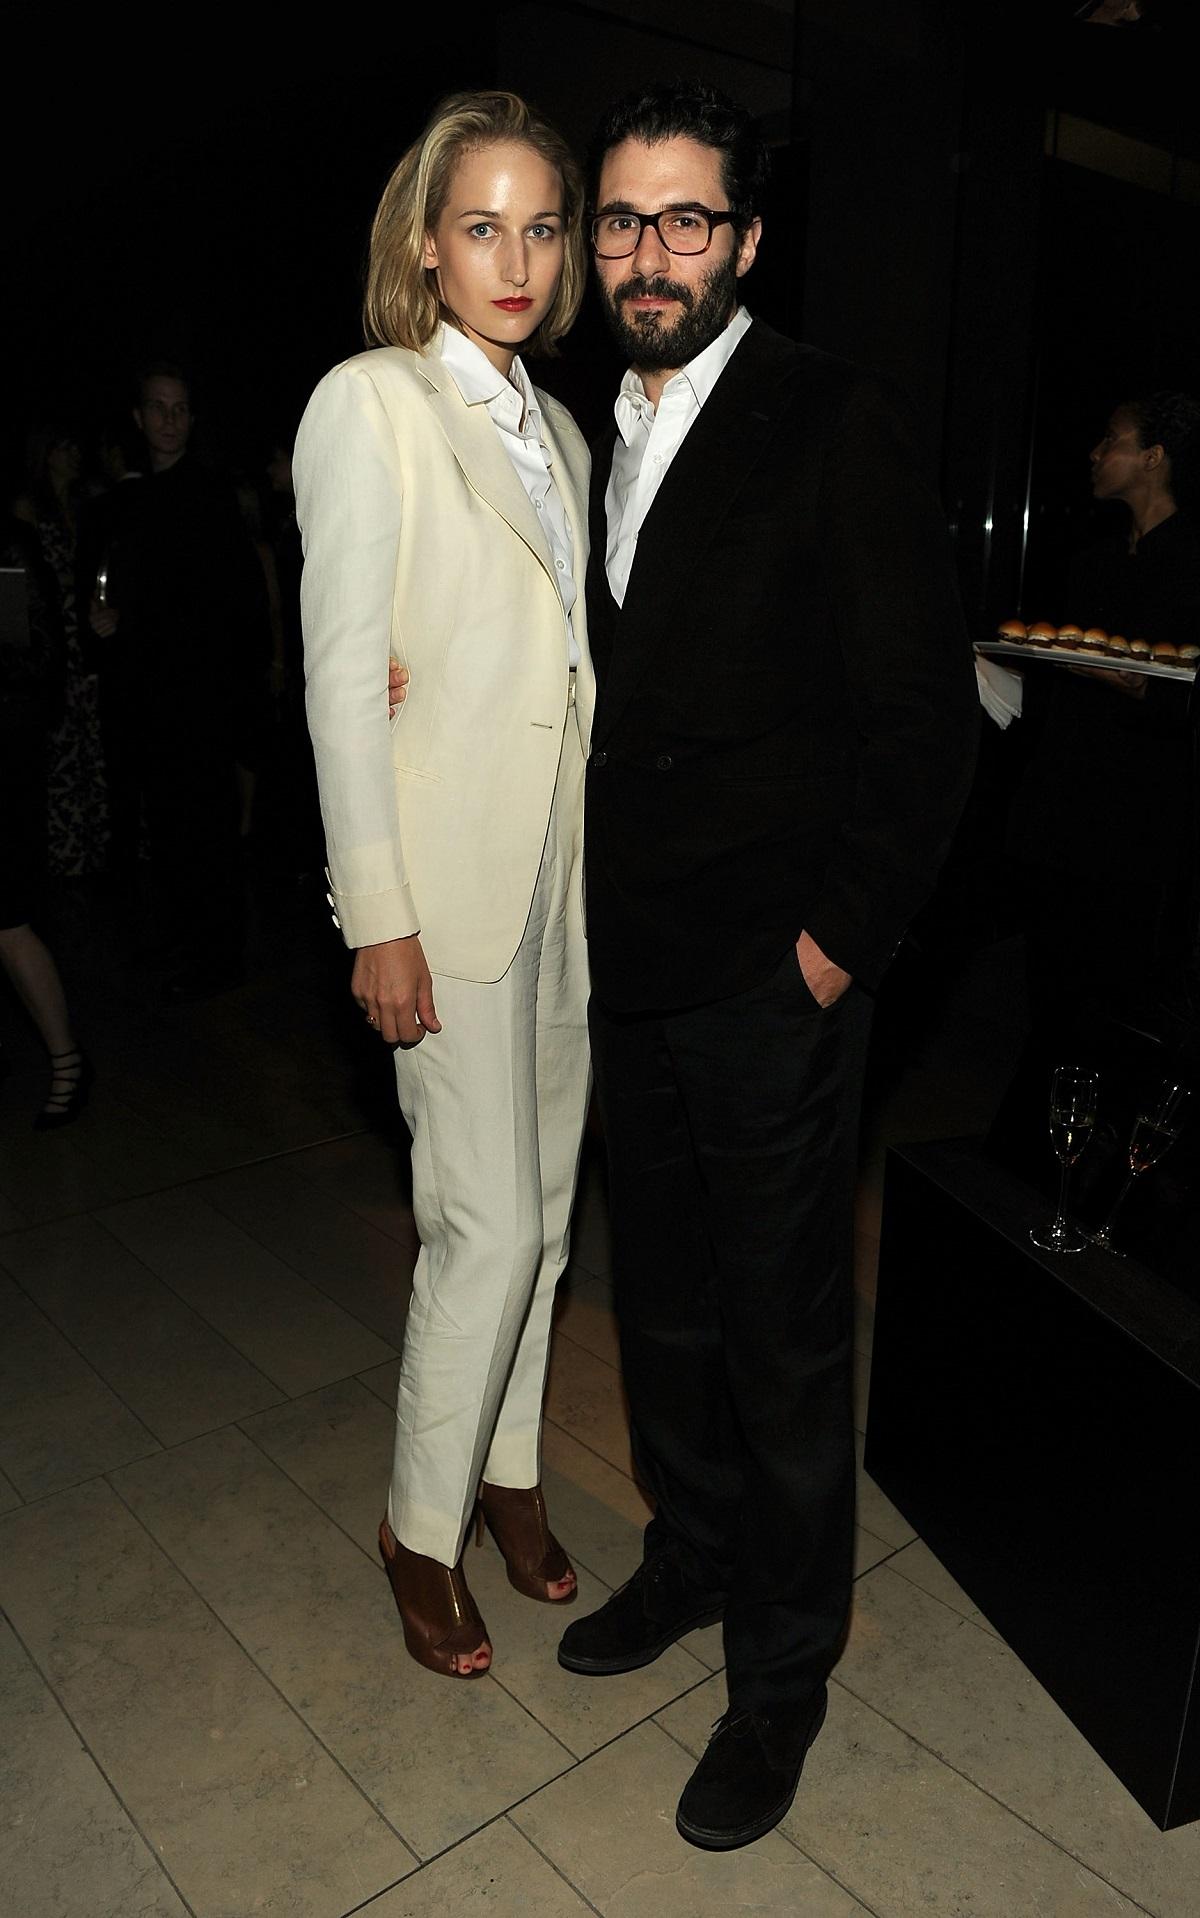 Leelee Sobieski and her husband Adam Kimmel in 2011